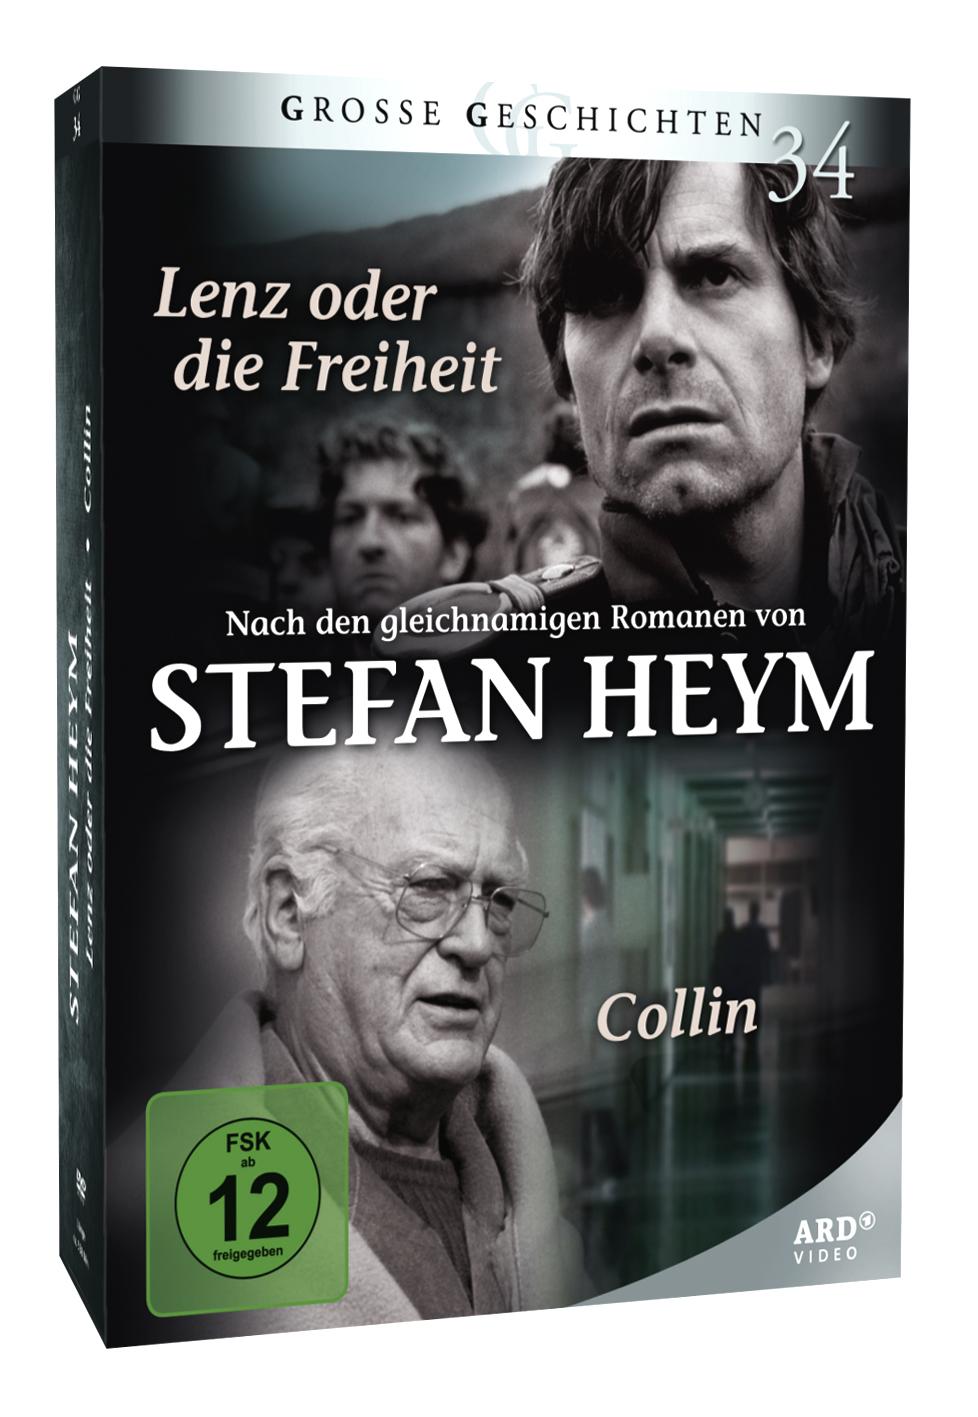 DVD Blu-ray Shop: Filme in Riesenauswahl bei Weltbild